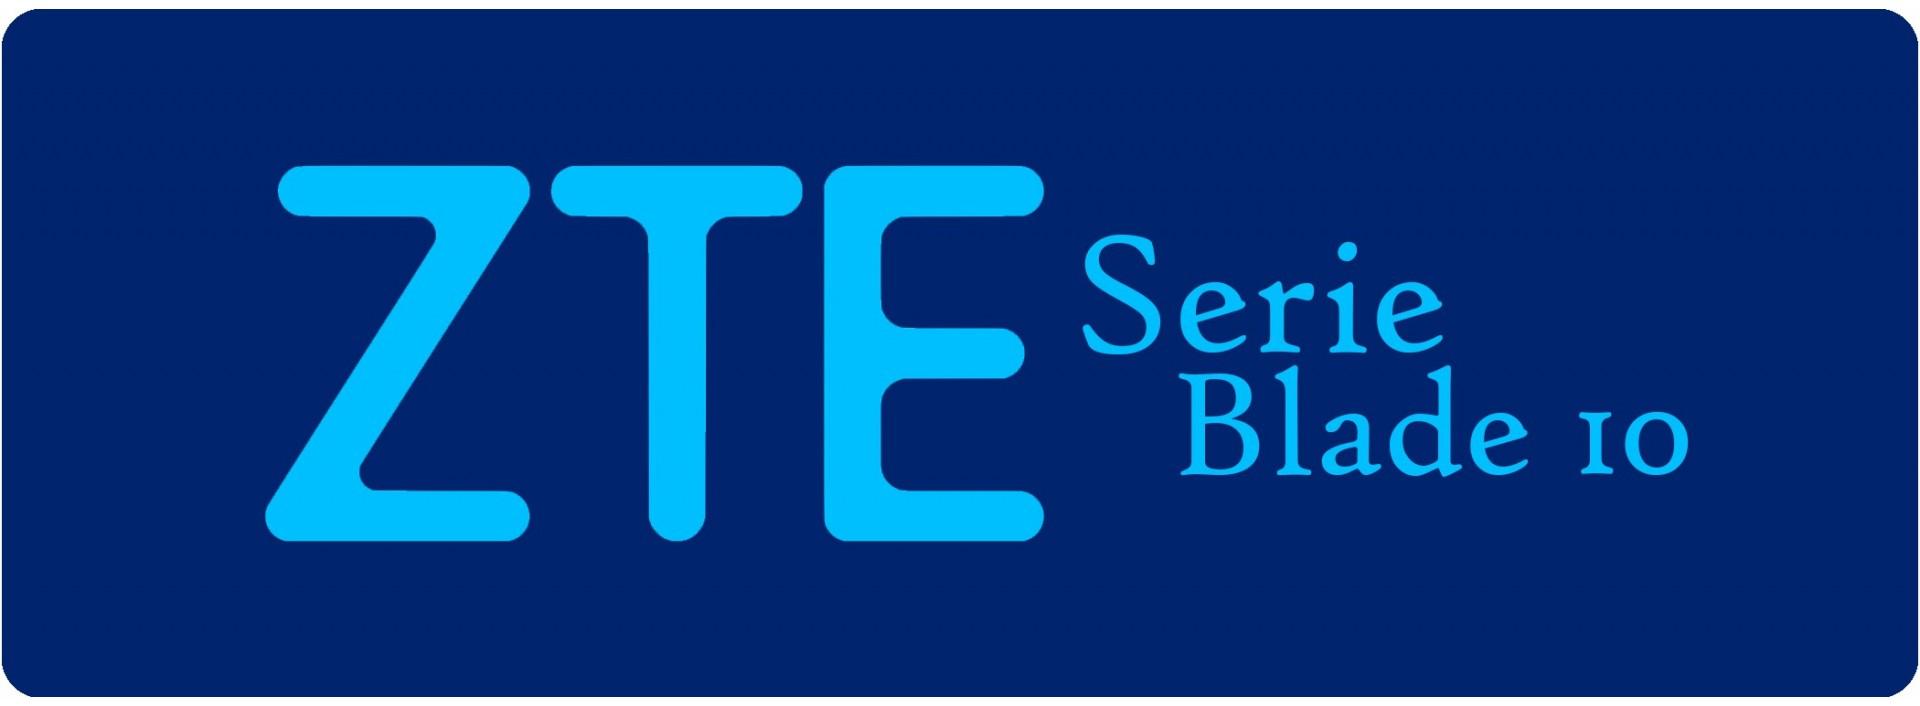 ZTE Serie Blade 10 Fundas PERSONALIZADAS, el mejor precio y calidad